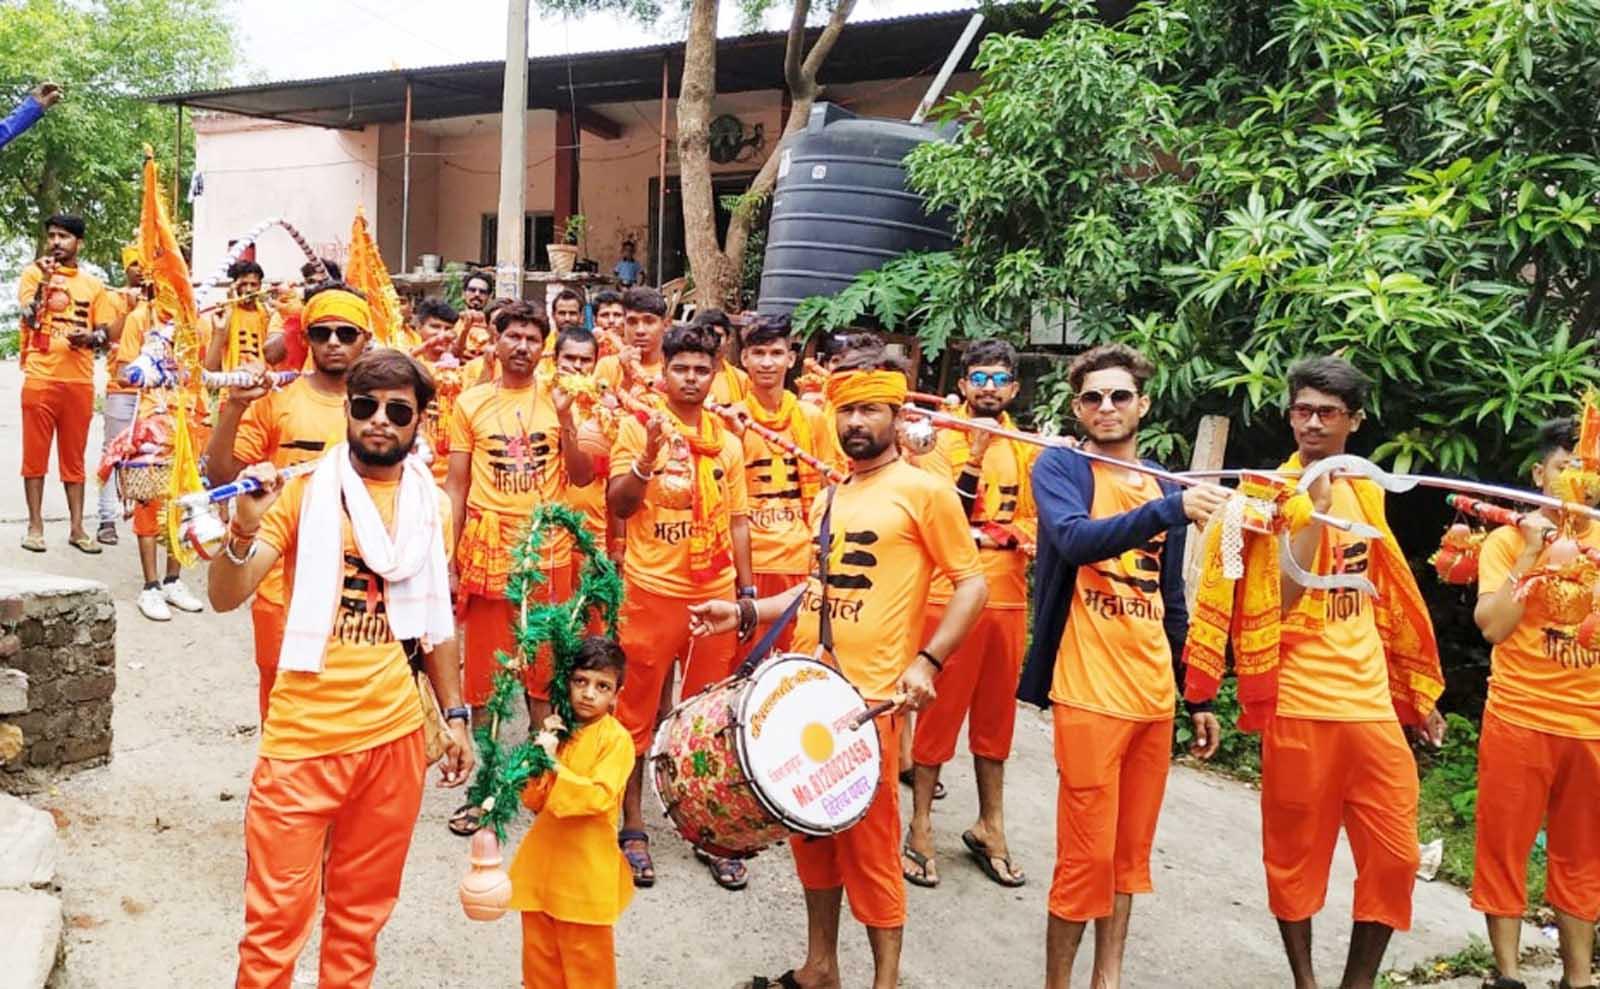 Jhabua News- श्रृंगेश्वर तीर्थ से कावड़ यात्रा उज्जैन के लिए हुई रवाना